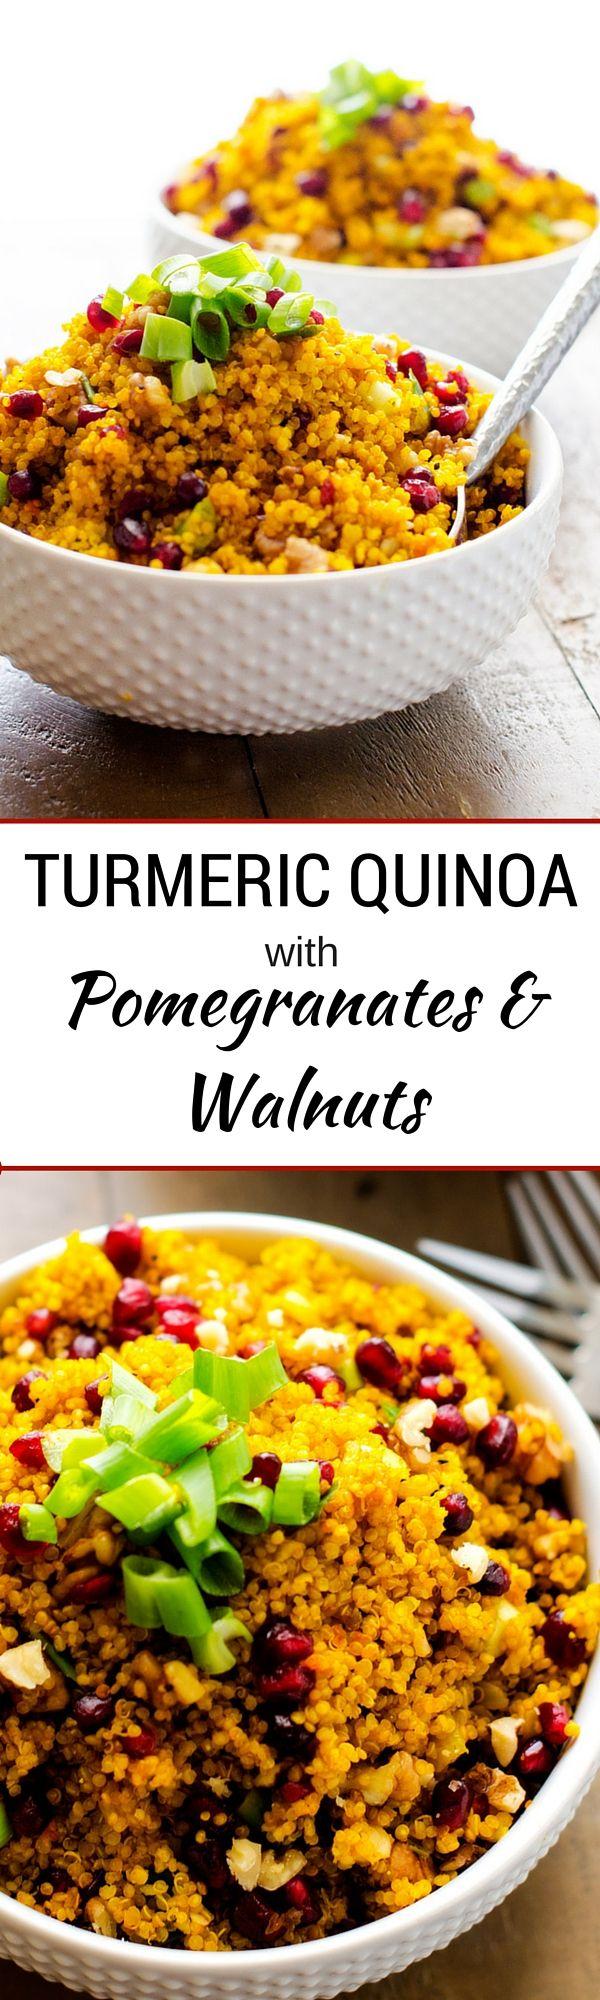 Turmeric Quinoa with Pomegranates and Walnuts   (sponsored)